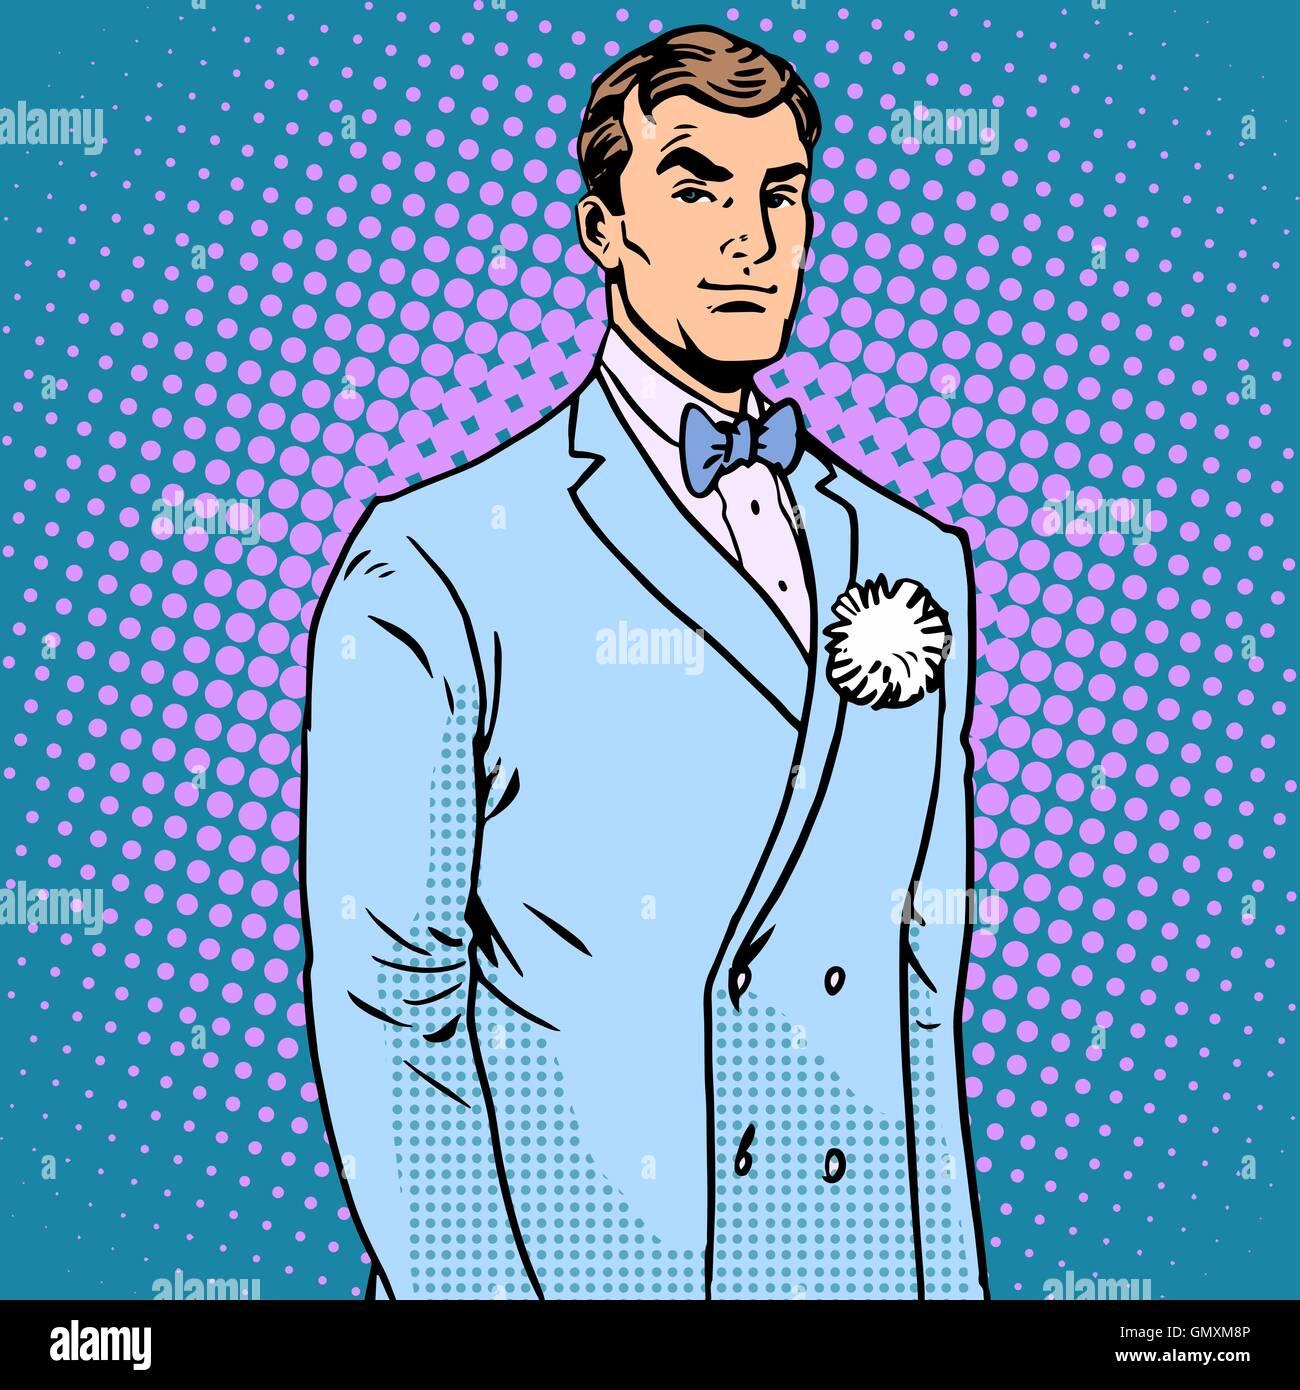 Arrogant Rich Stock Photos & Arrogant Rich Stock Images - Alamy